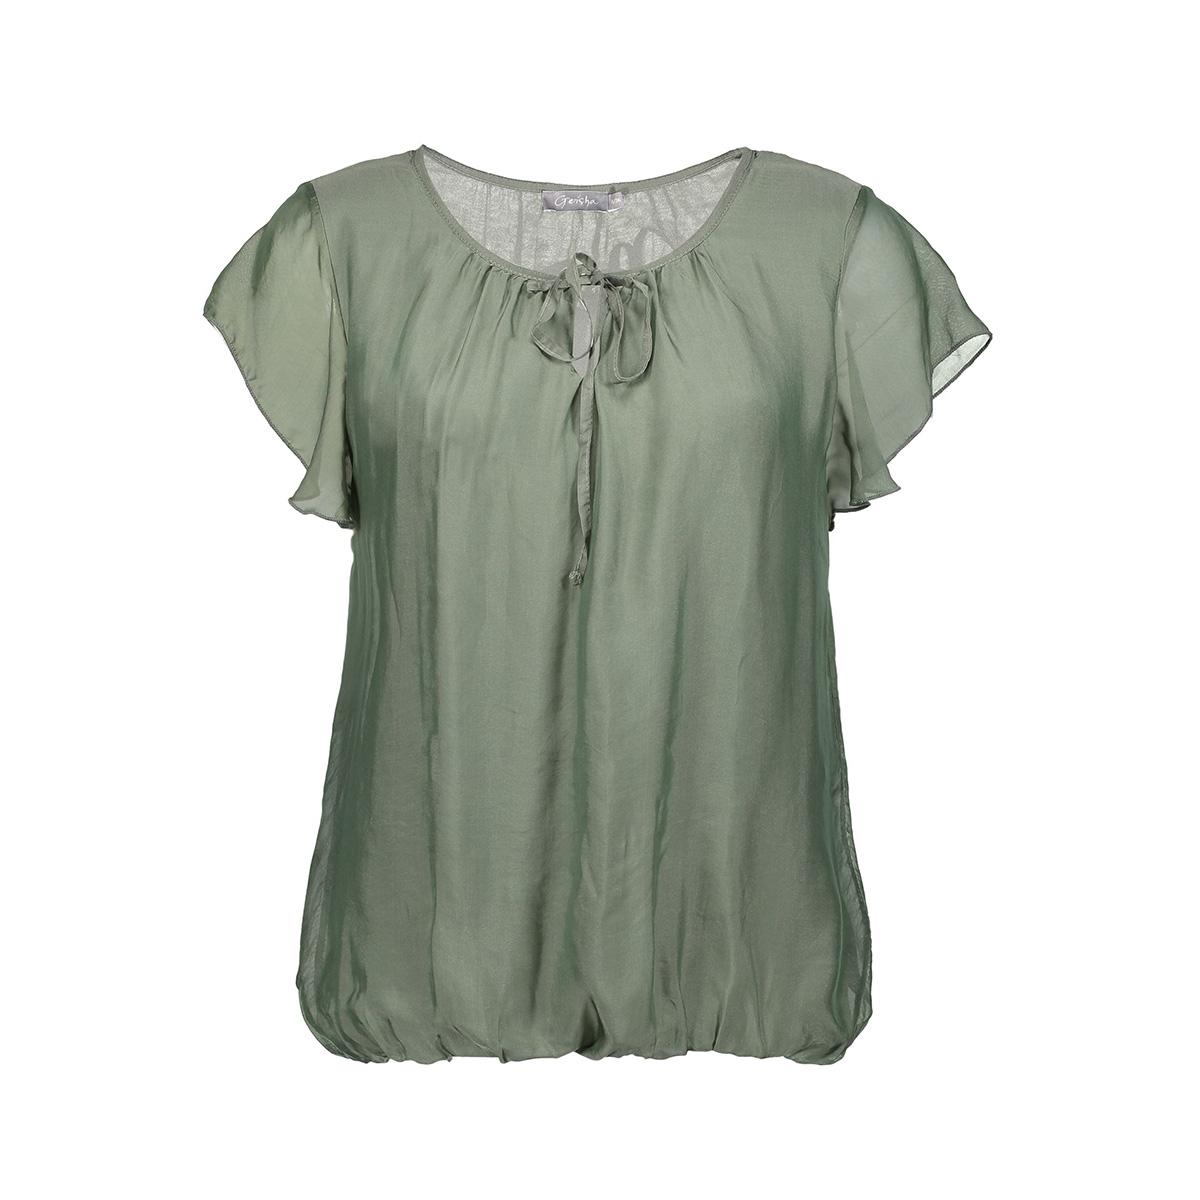 top silk with ruffles 03290 70 geisha t-shirt army